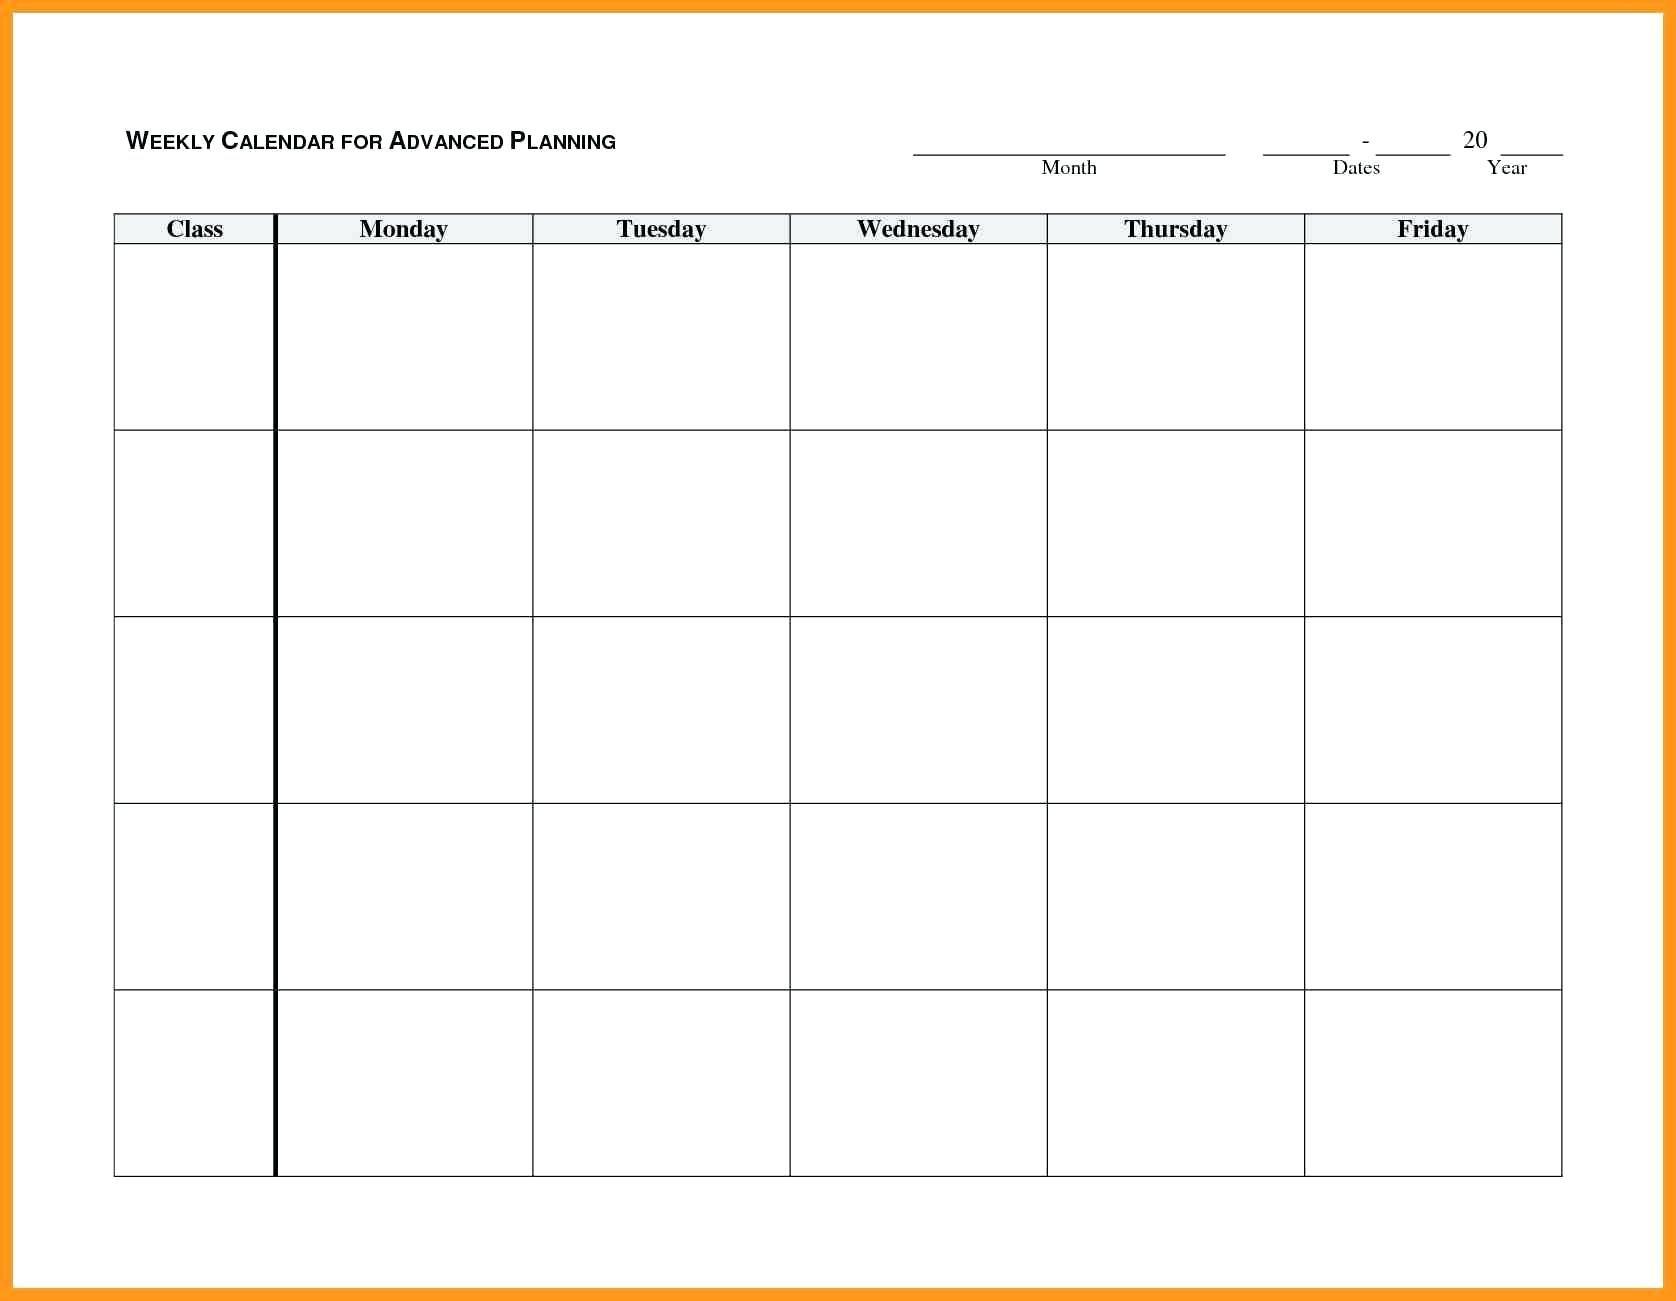 Blank Calendar Monday To Friday   Example Calendar Printable Monday To Friday Calender